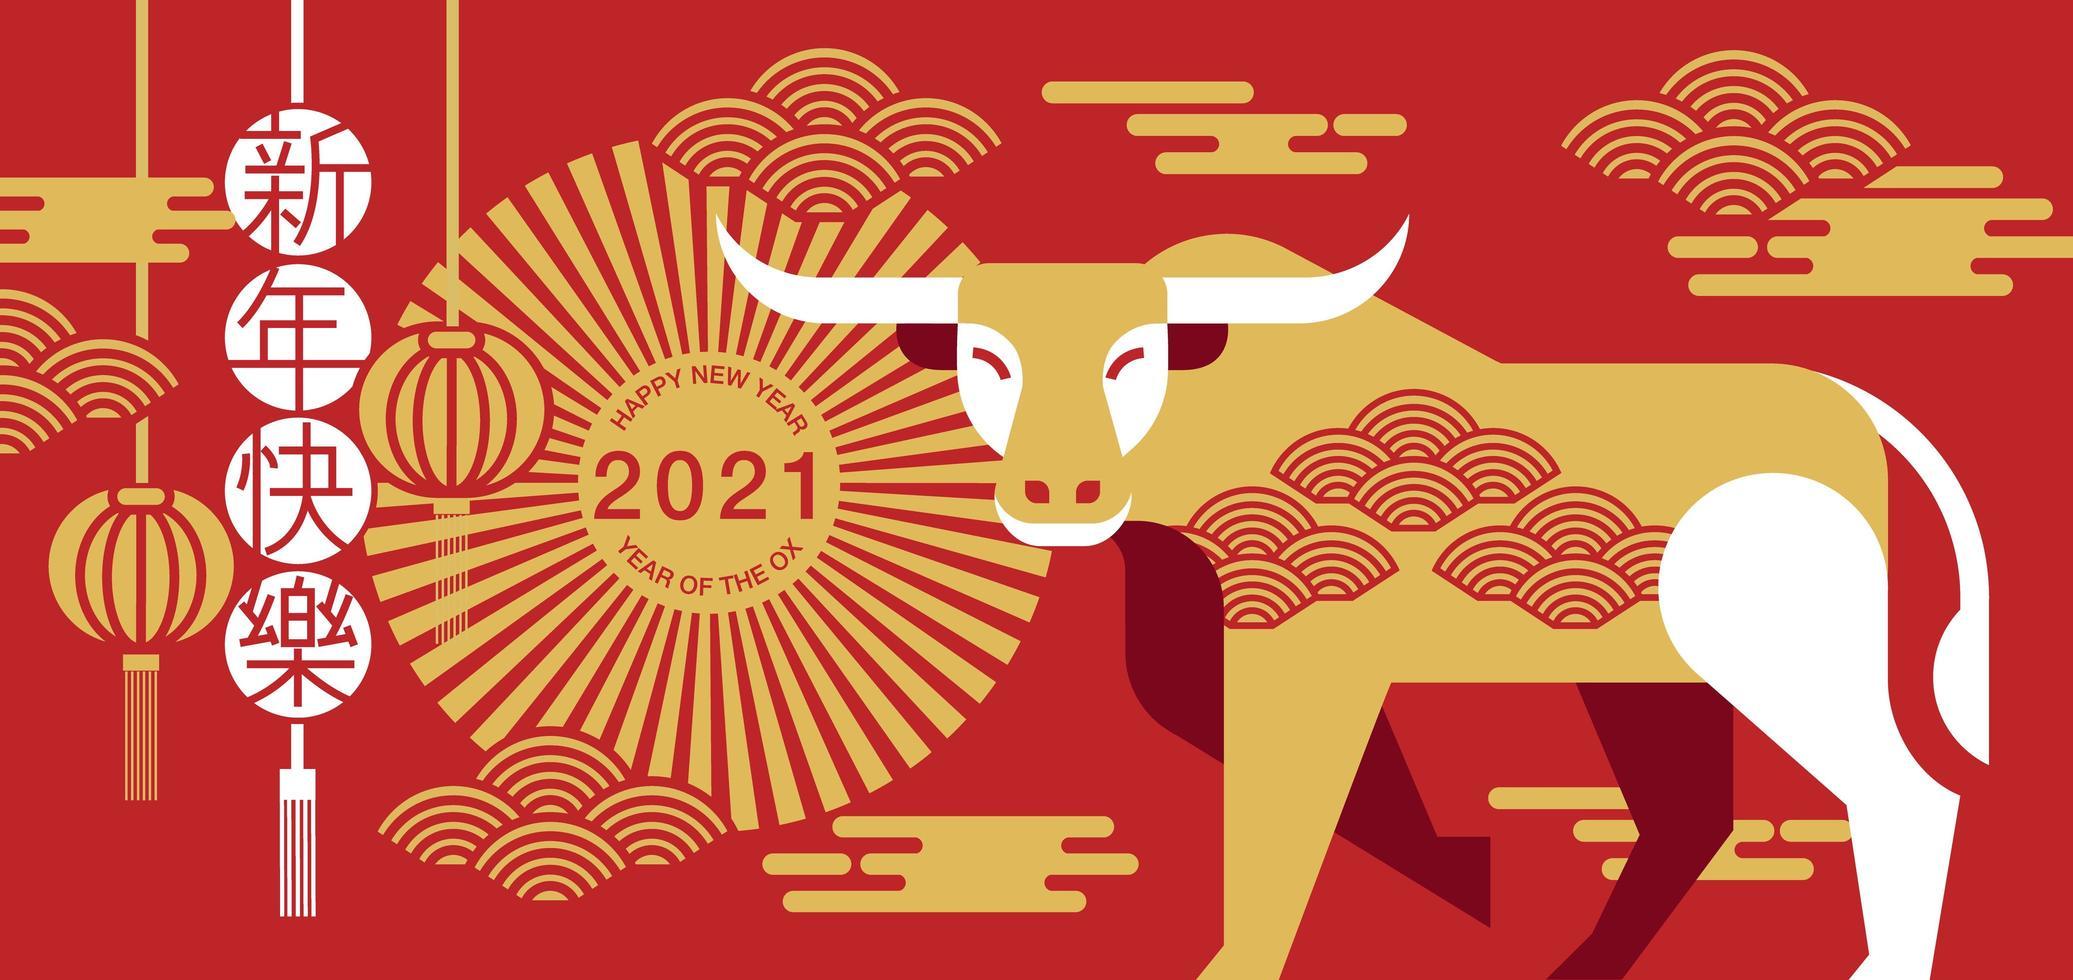 1419822-banniere-du-nouvel-an-chinois-2021-or-rouge-vectoriel